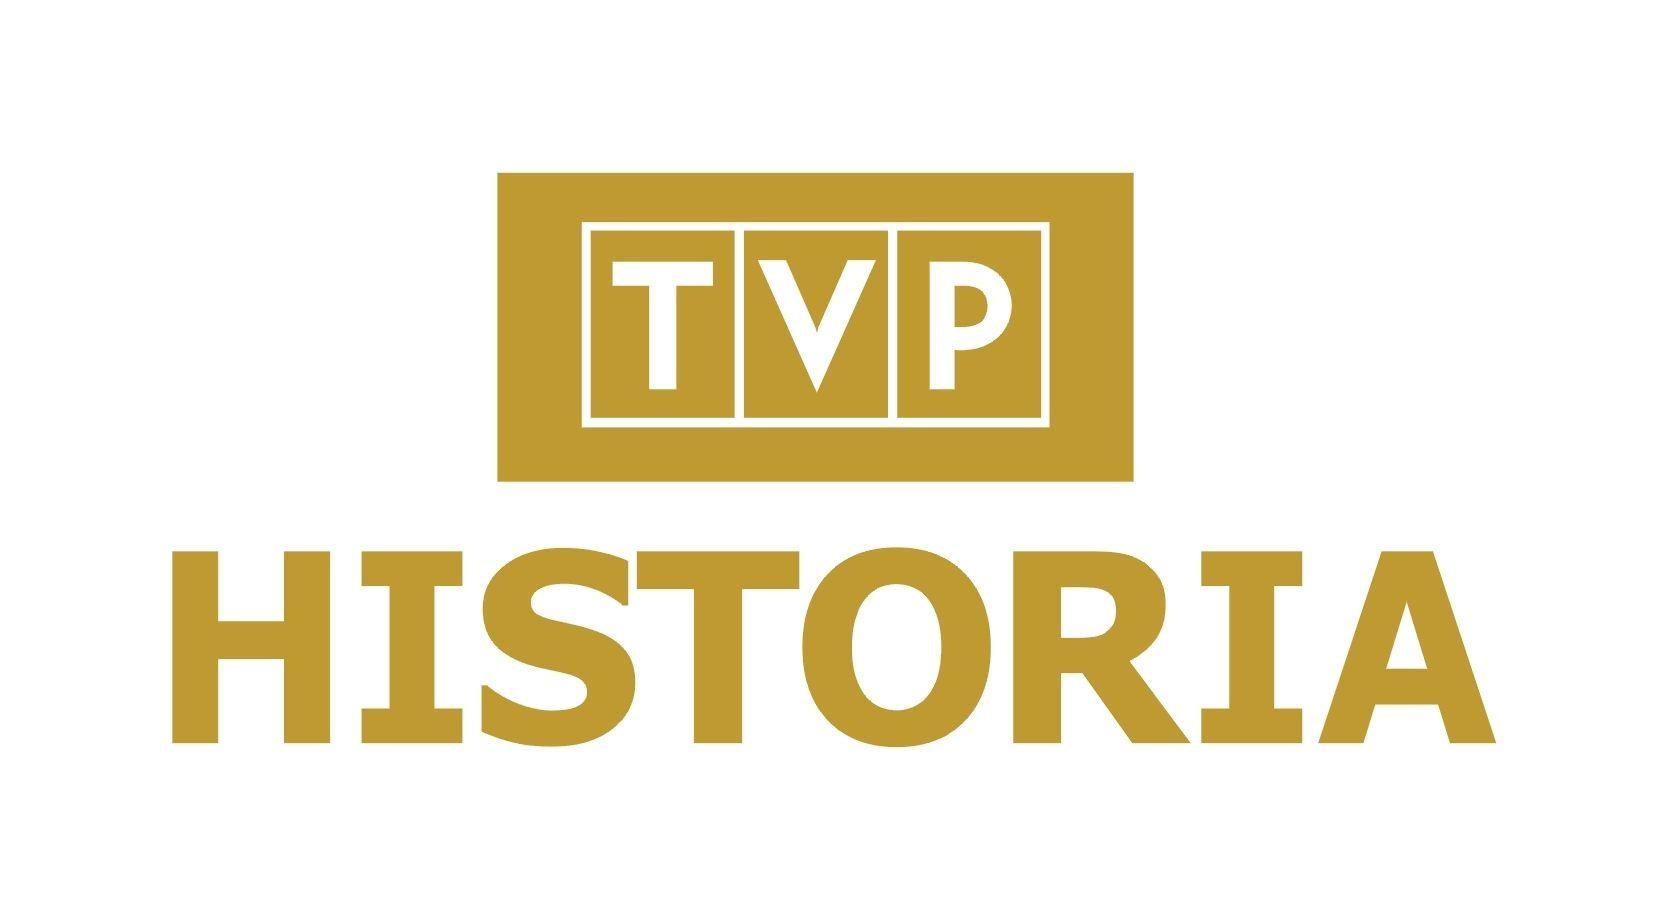 logo-tvp-historia-white.jpg